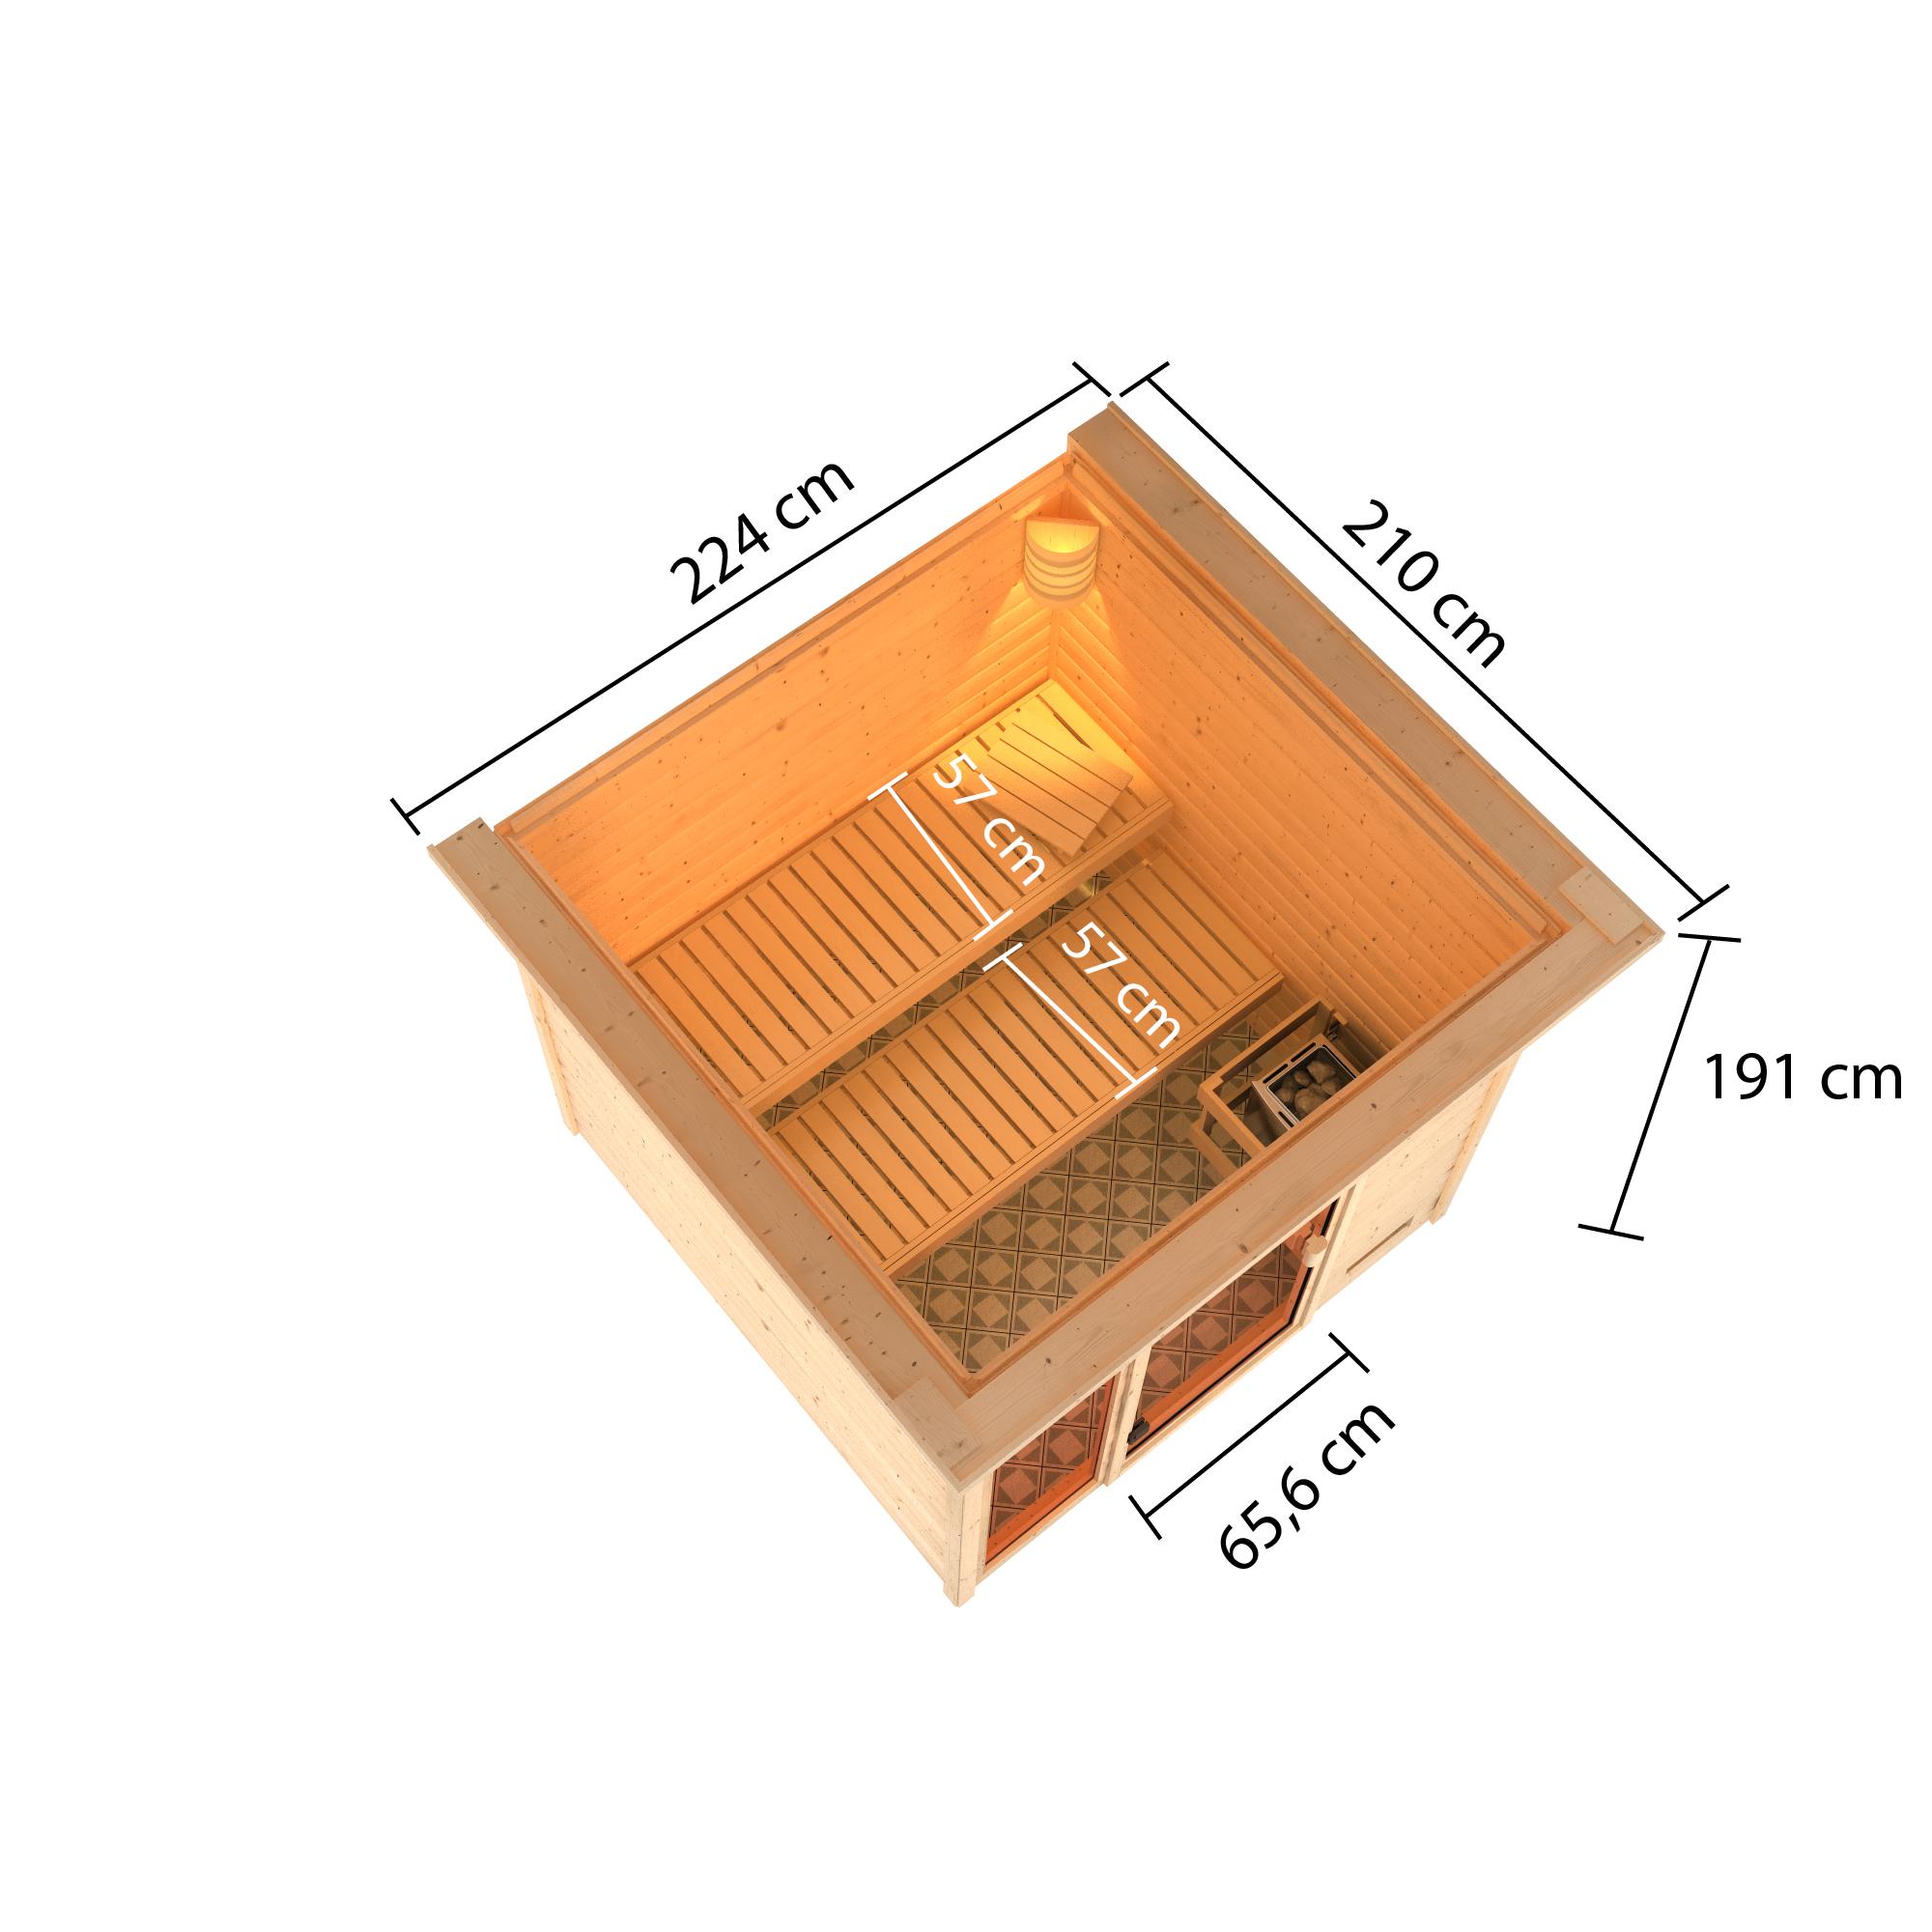 Woodfeeling Sauna Jutta 38mm Dachkranz Saunaofen 9 kW extern Bild 8